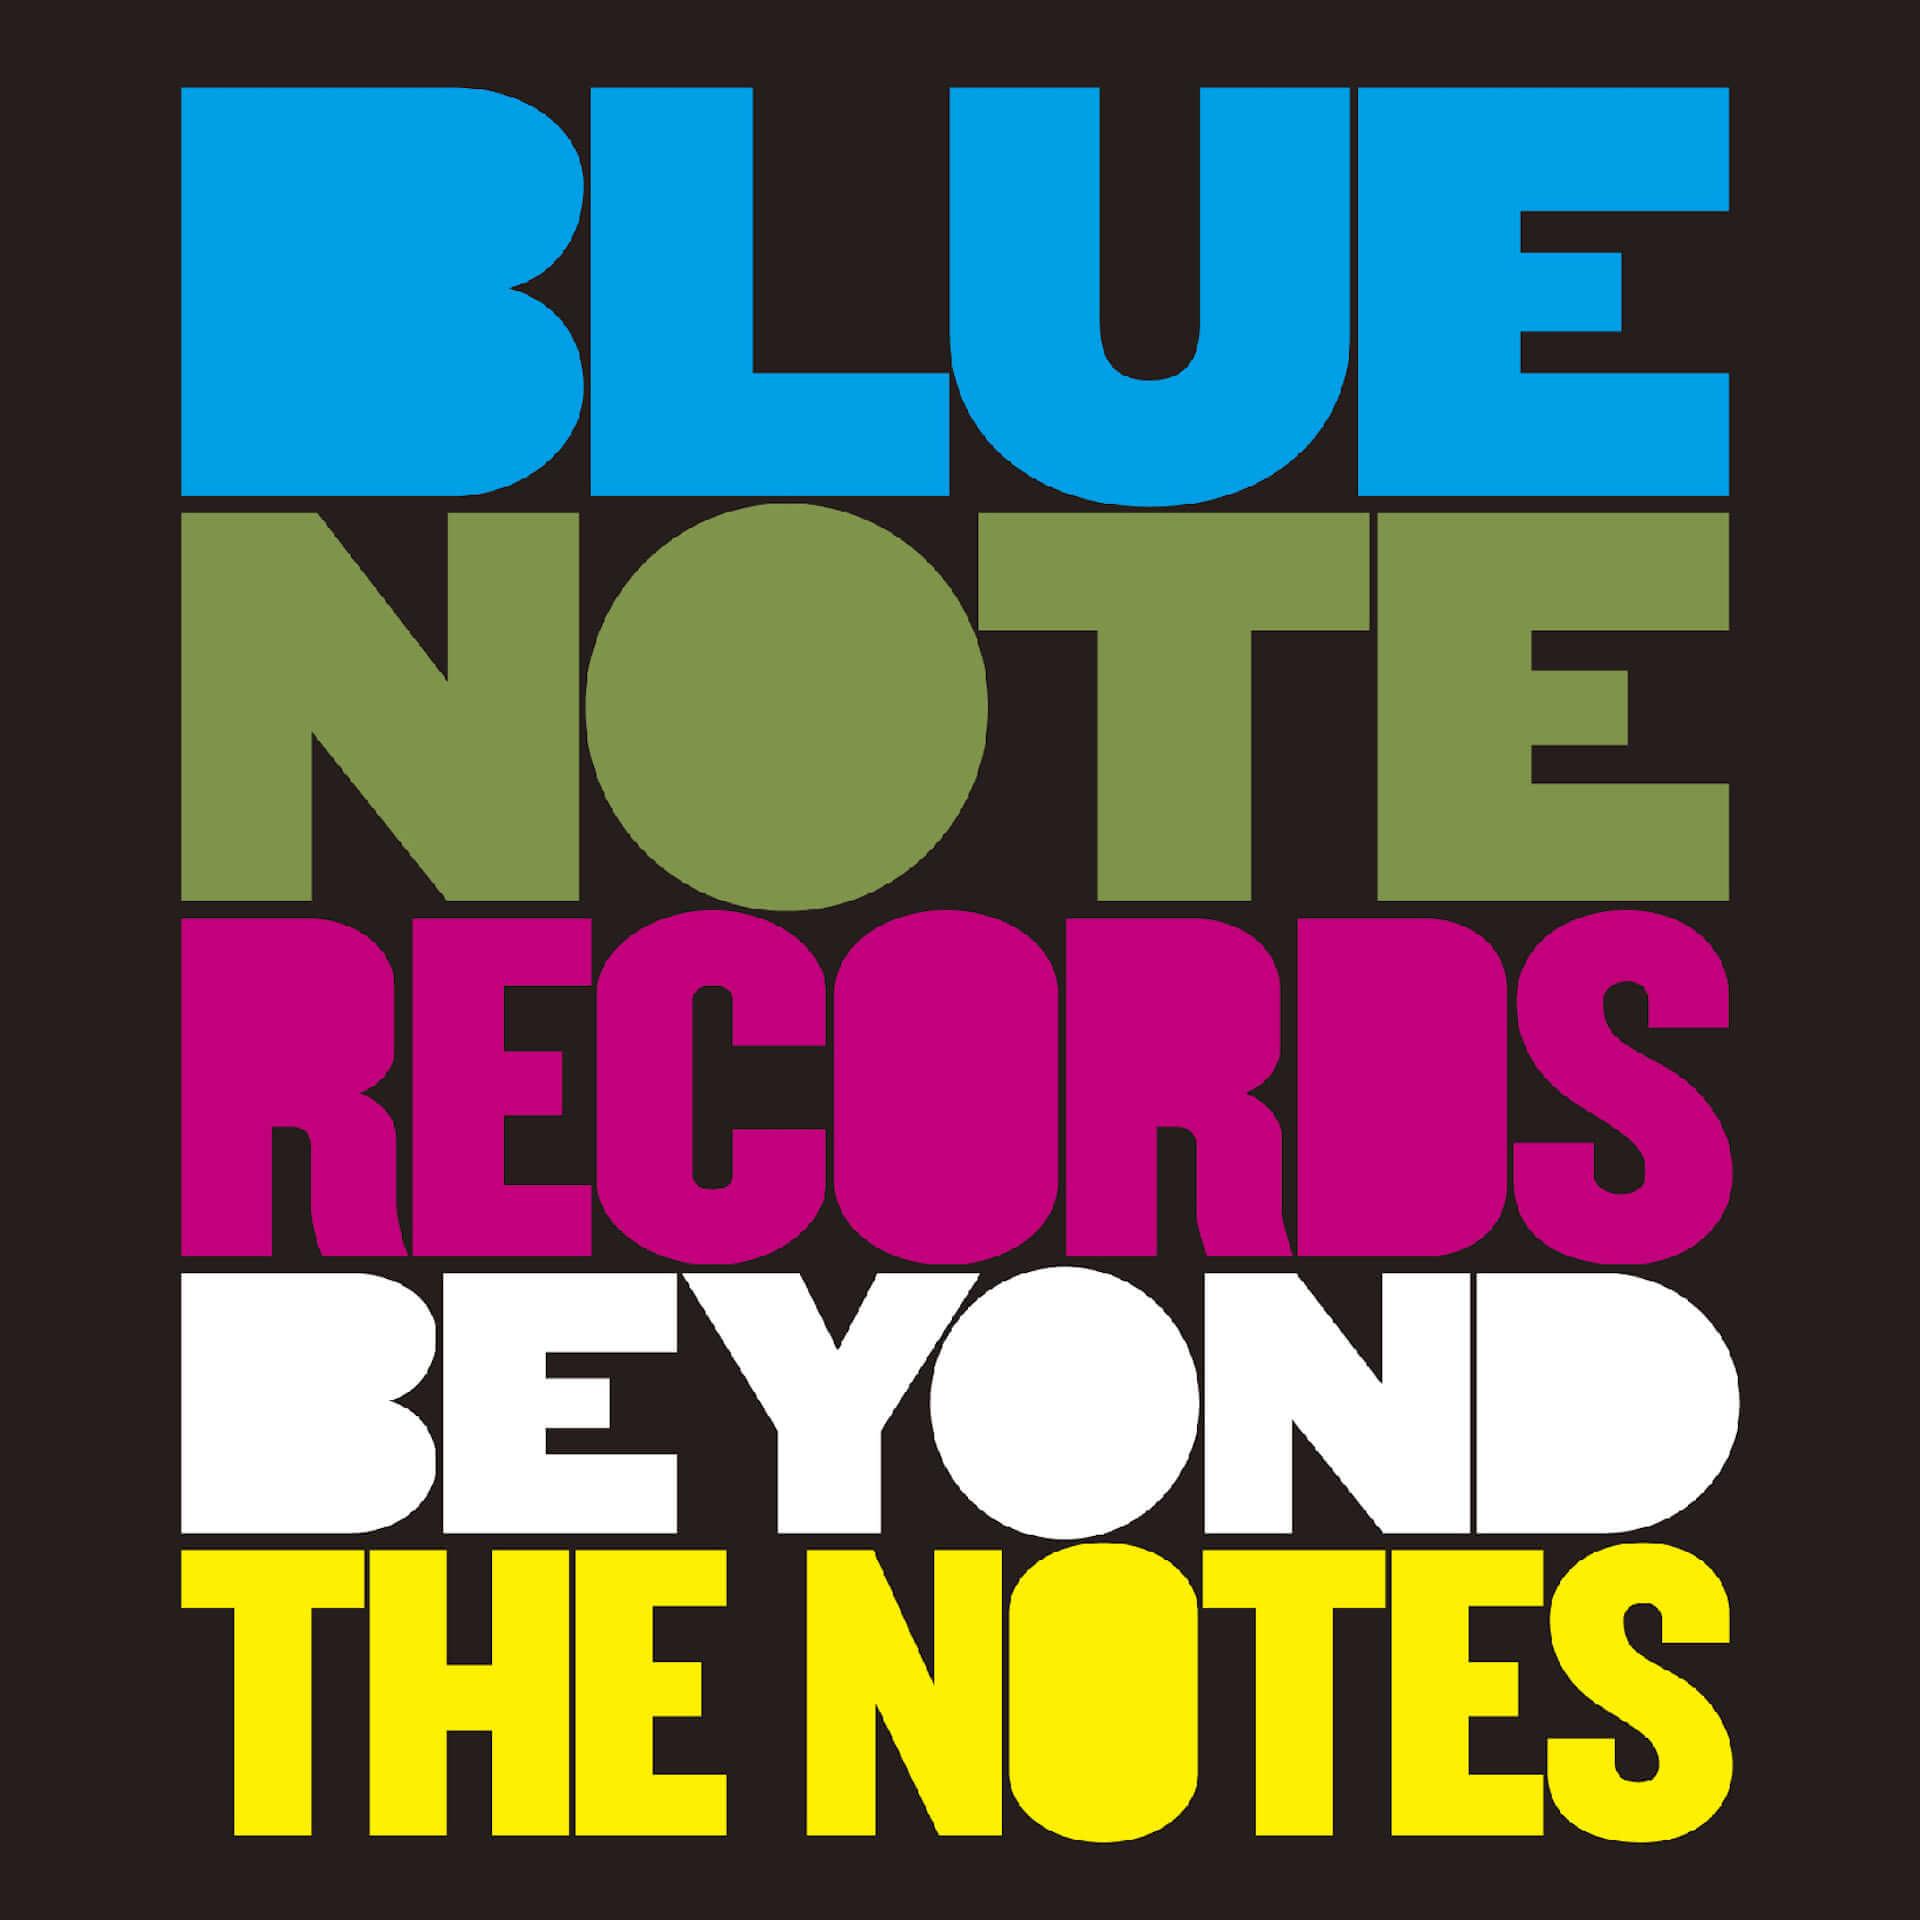 ロバート・グラスパー、ハービー・ハンコックらも出演する映画『ブルーノート・レコード ジャズを超えて』公開記念トーク・セッション開催決定! film190829_bluenote_3-1920x1920